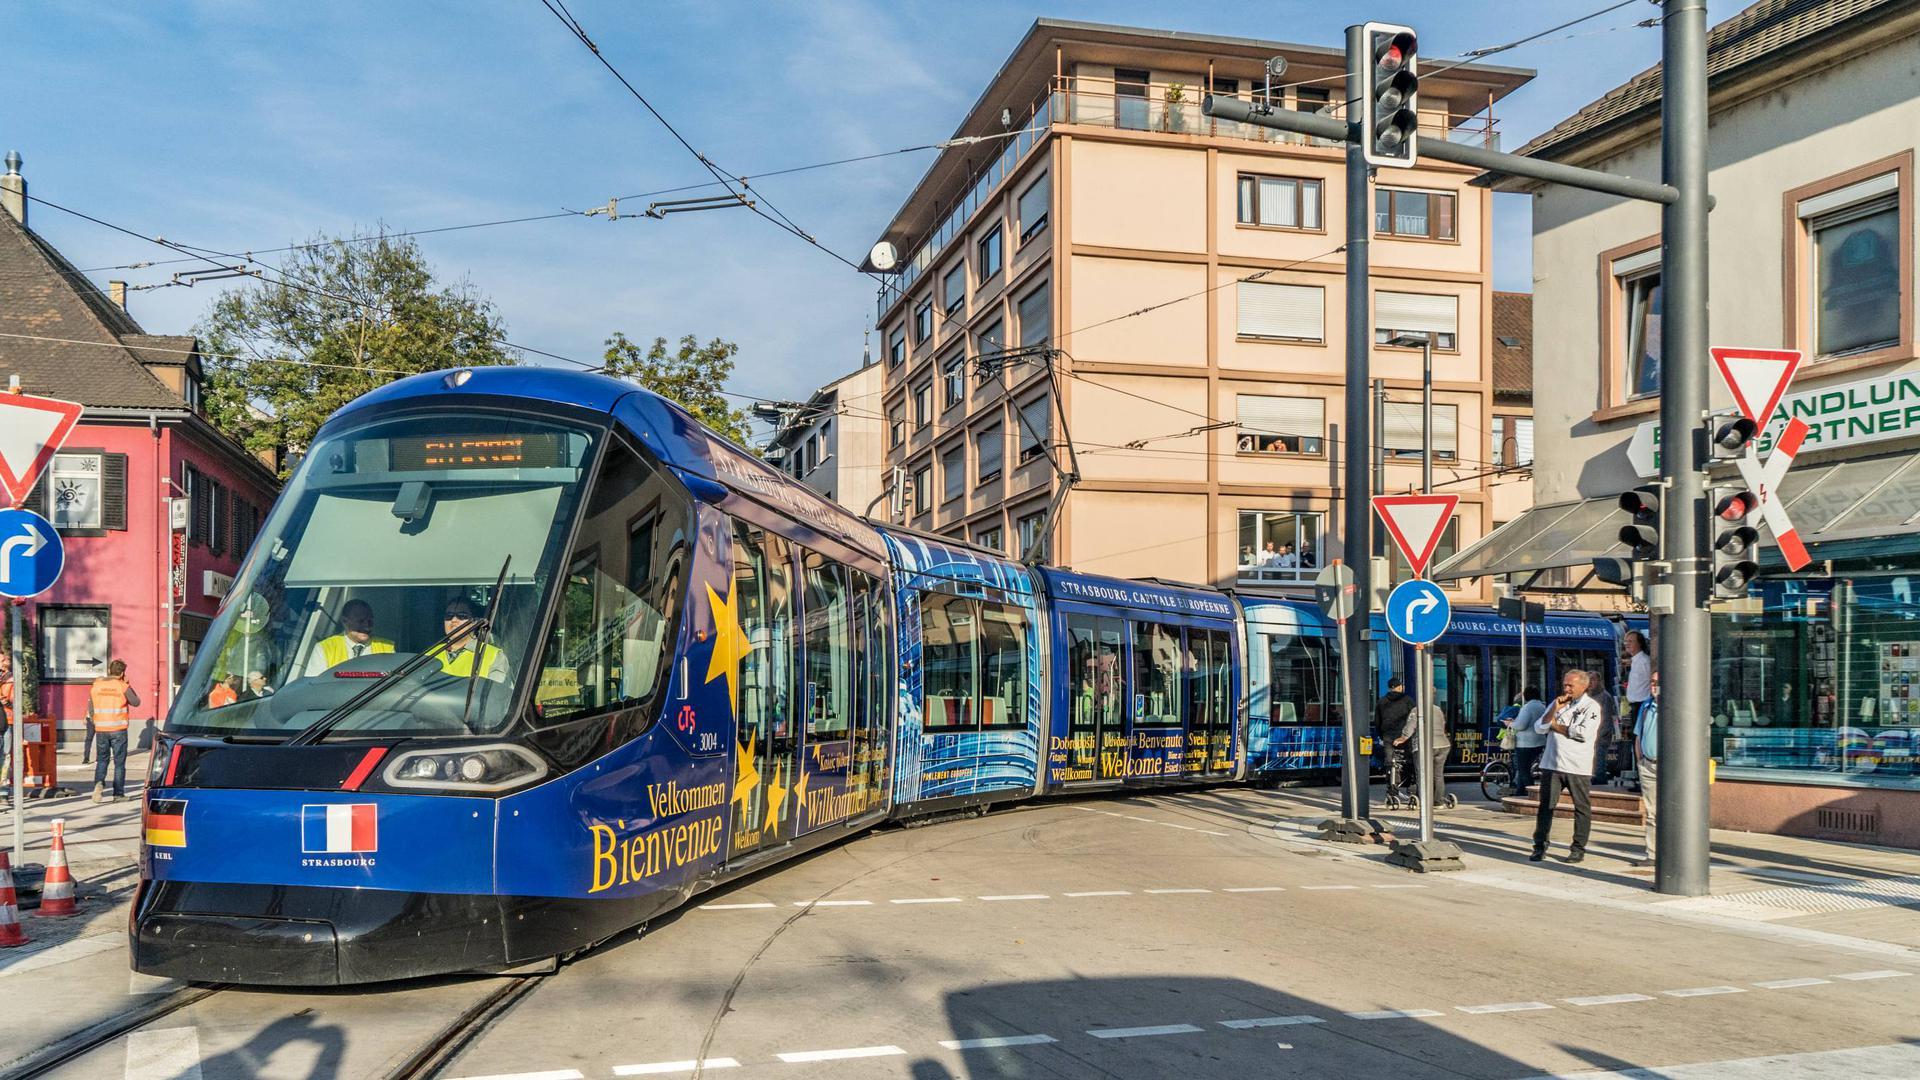 UNTERWEGS IN DIE ZUKUNFT:  In wenigen Tagen beginnt der Regelbetrieb der Straßburger Tramlinie D bis vor das Kehler Rathaus